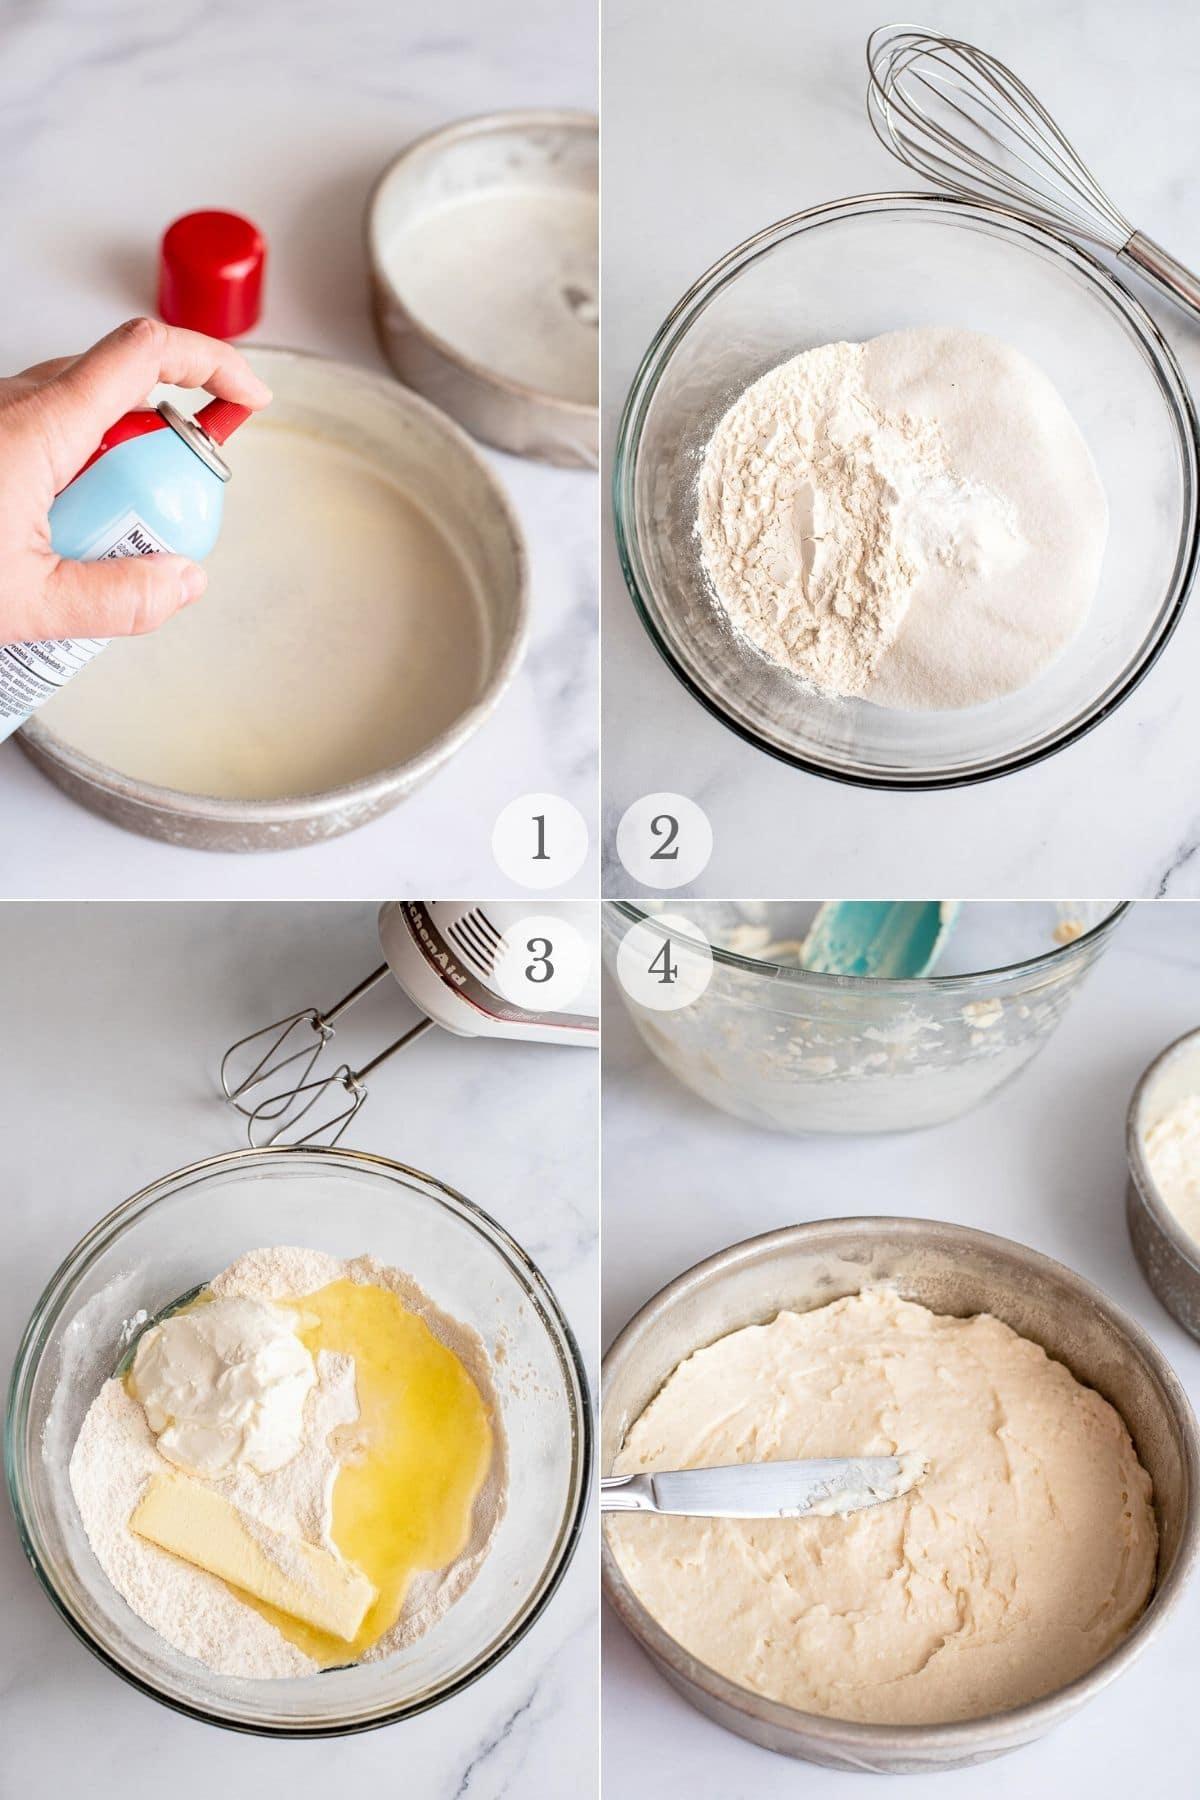 sour cream cake recipes steps 1-4